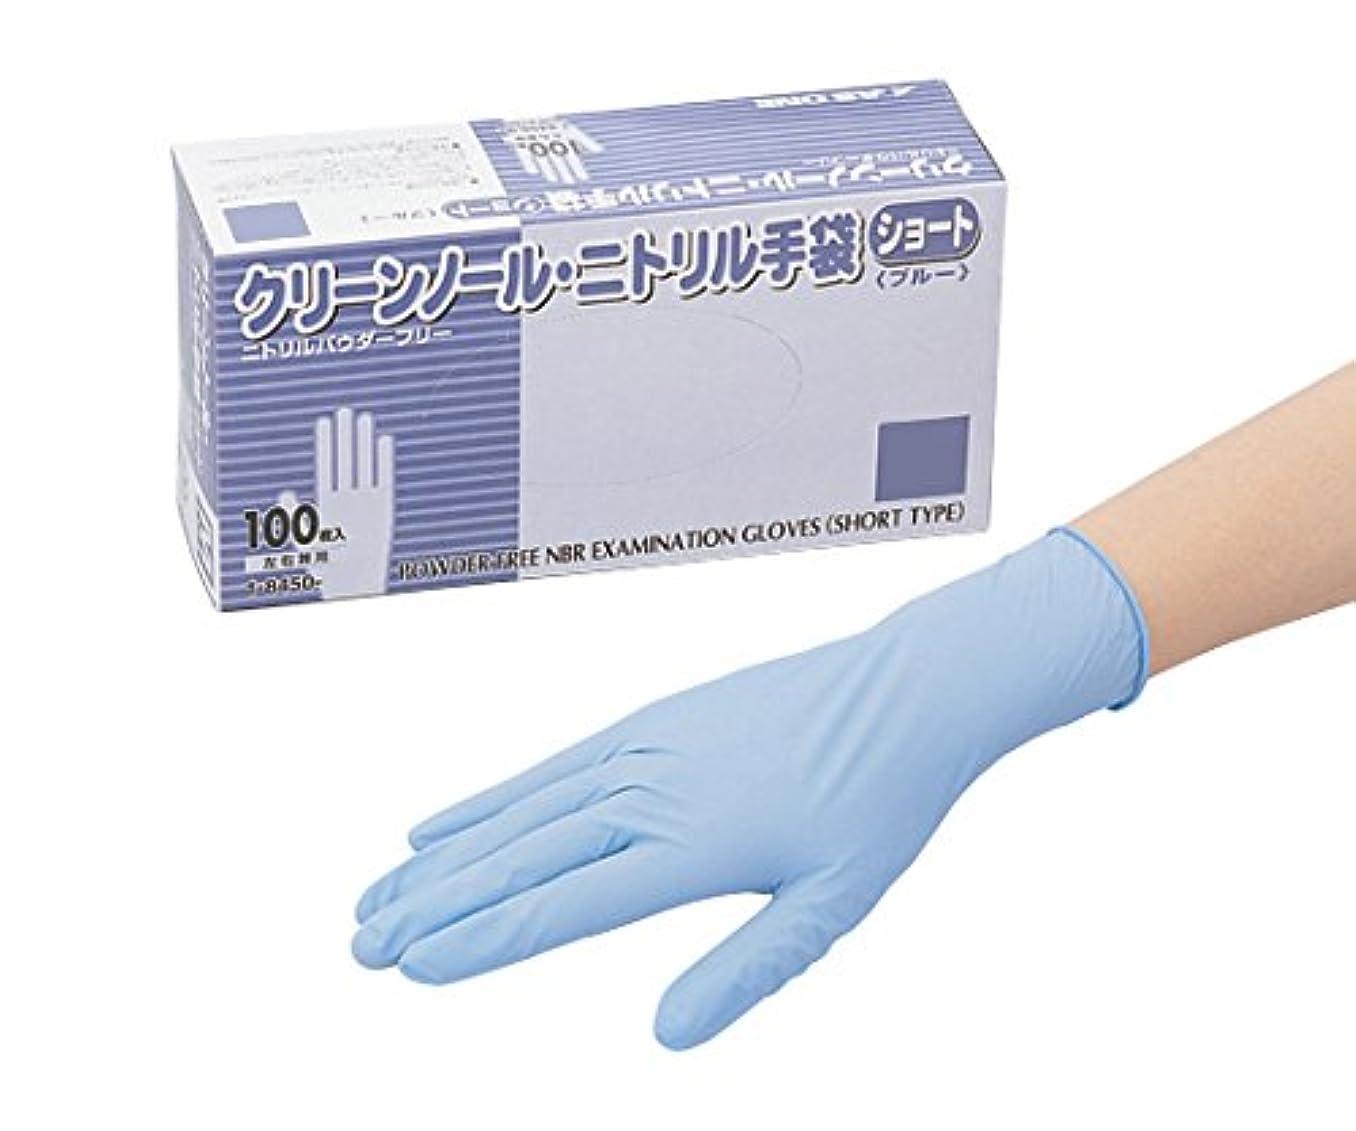 アズワン1-8450-21クリーンノールニトリル手袋ショート(パウダーフリ-)ブルーL100枚入